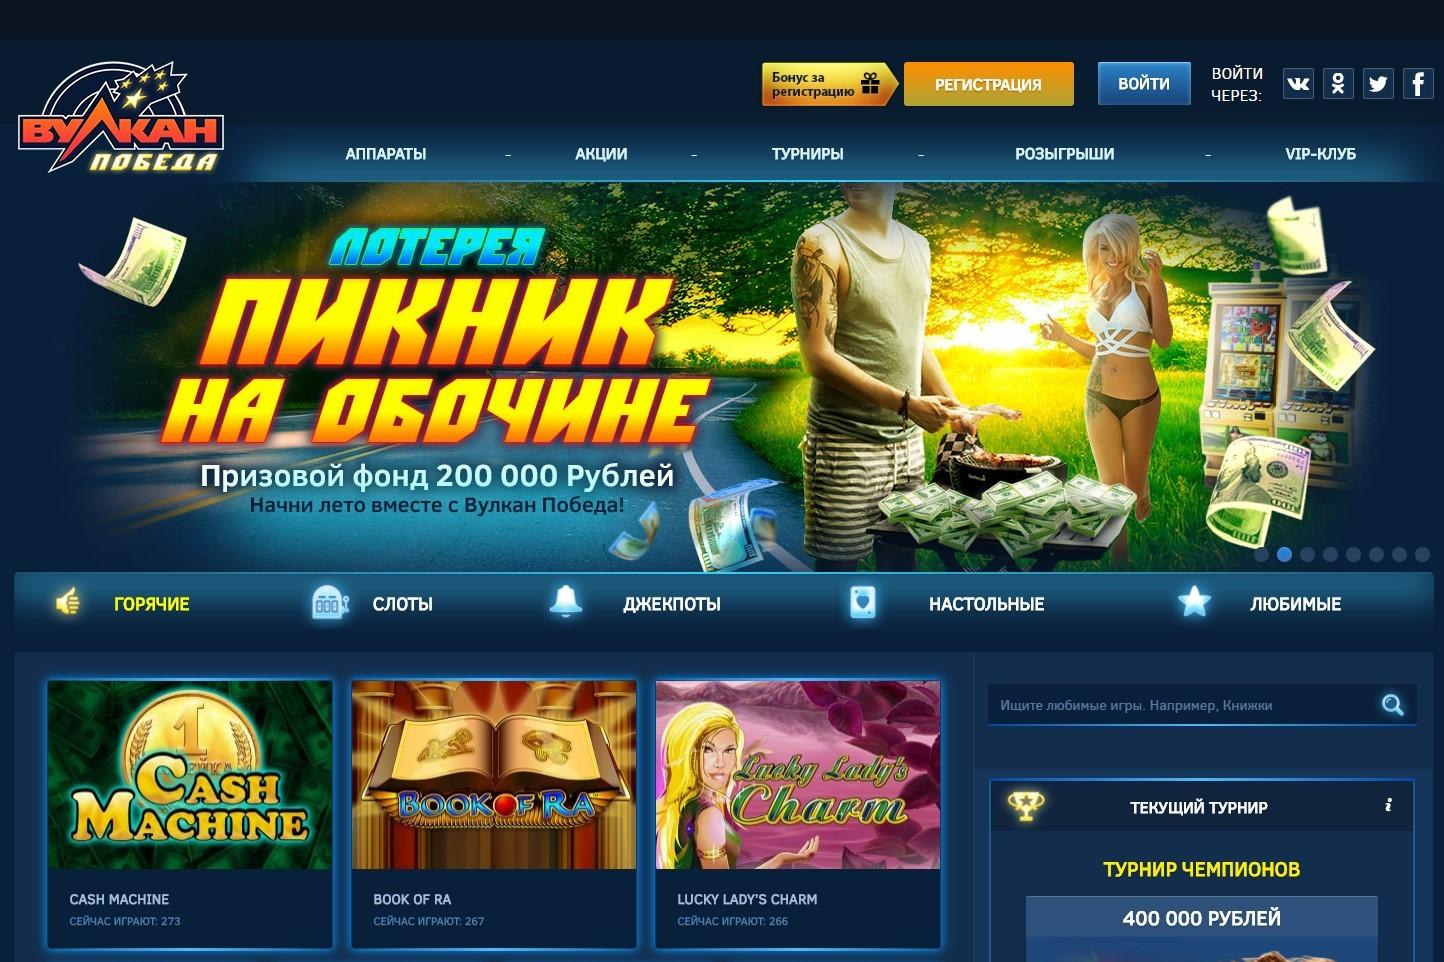 Почему онлайн казино намного лучше обычного?